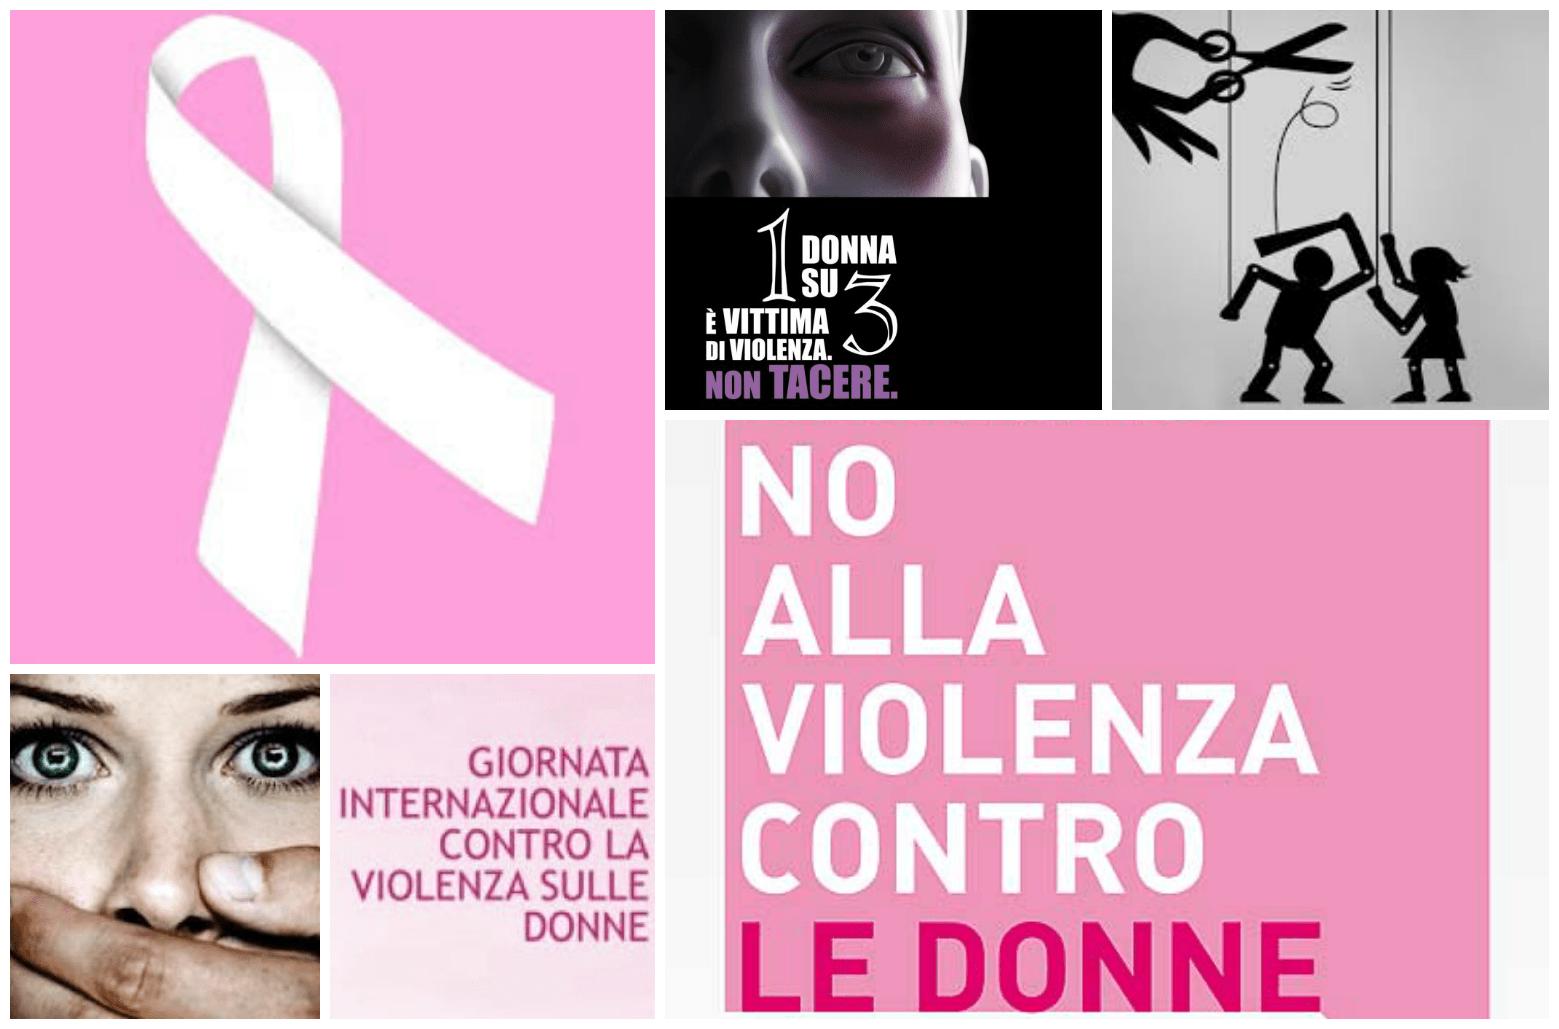 Giornata mondiale contro la violenza sulle donne 2013